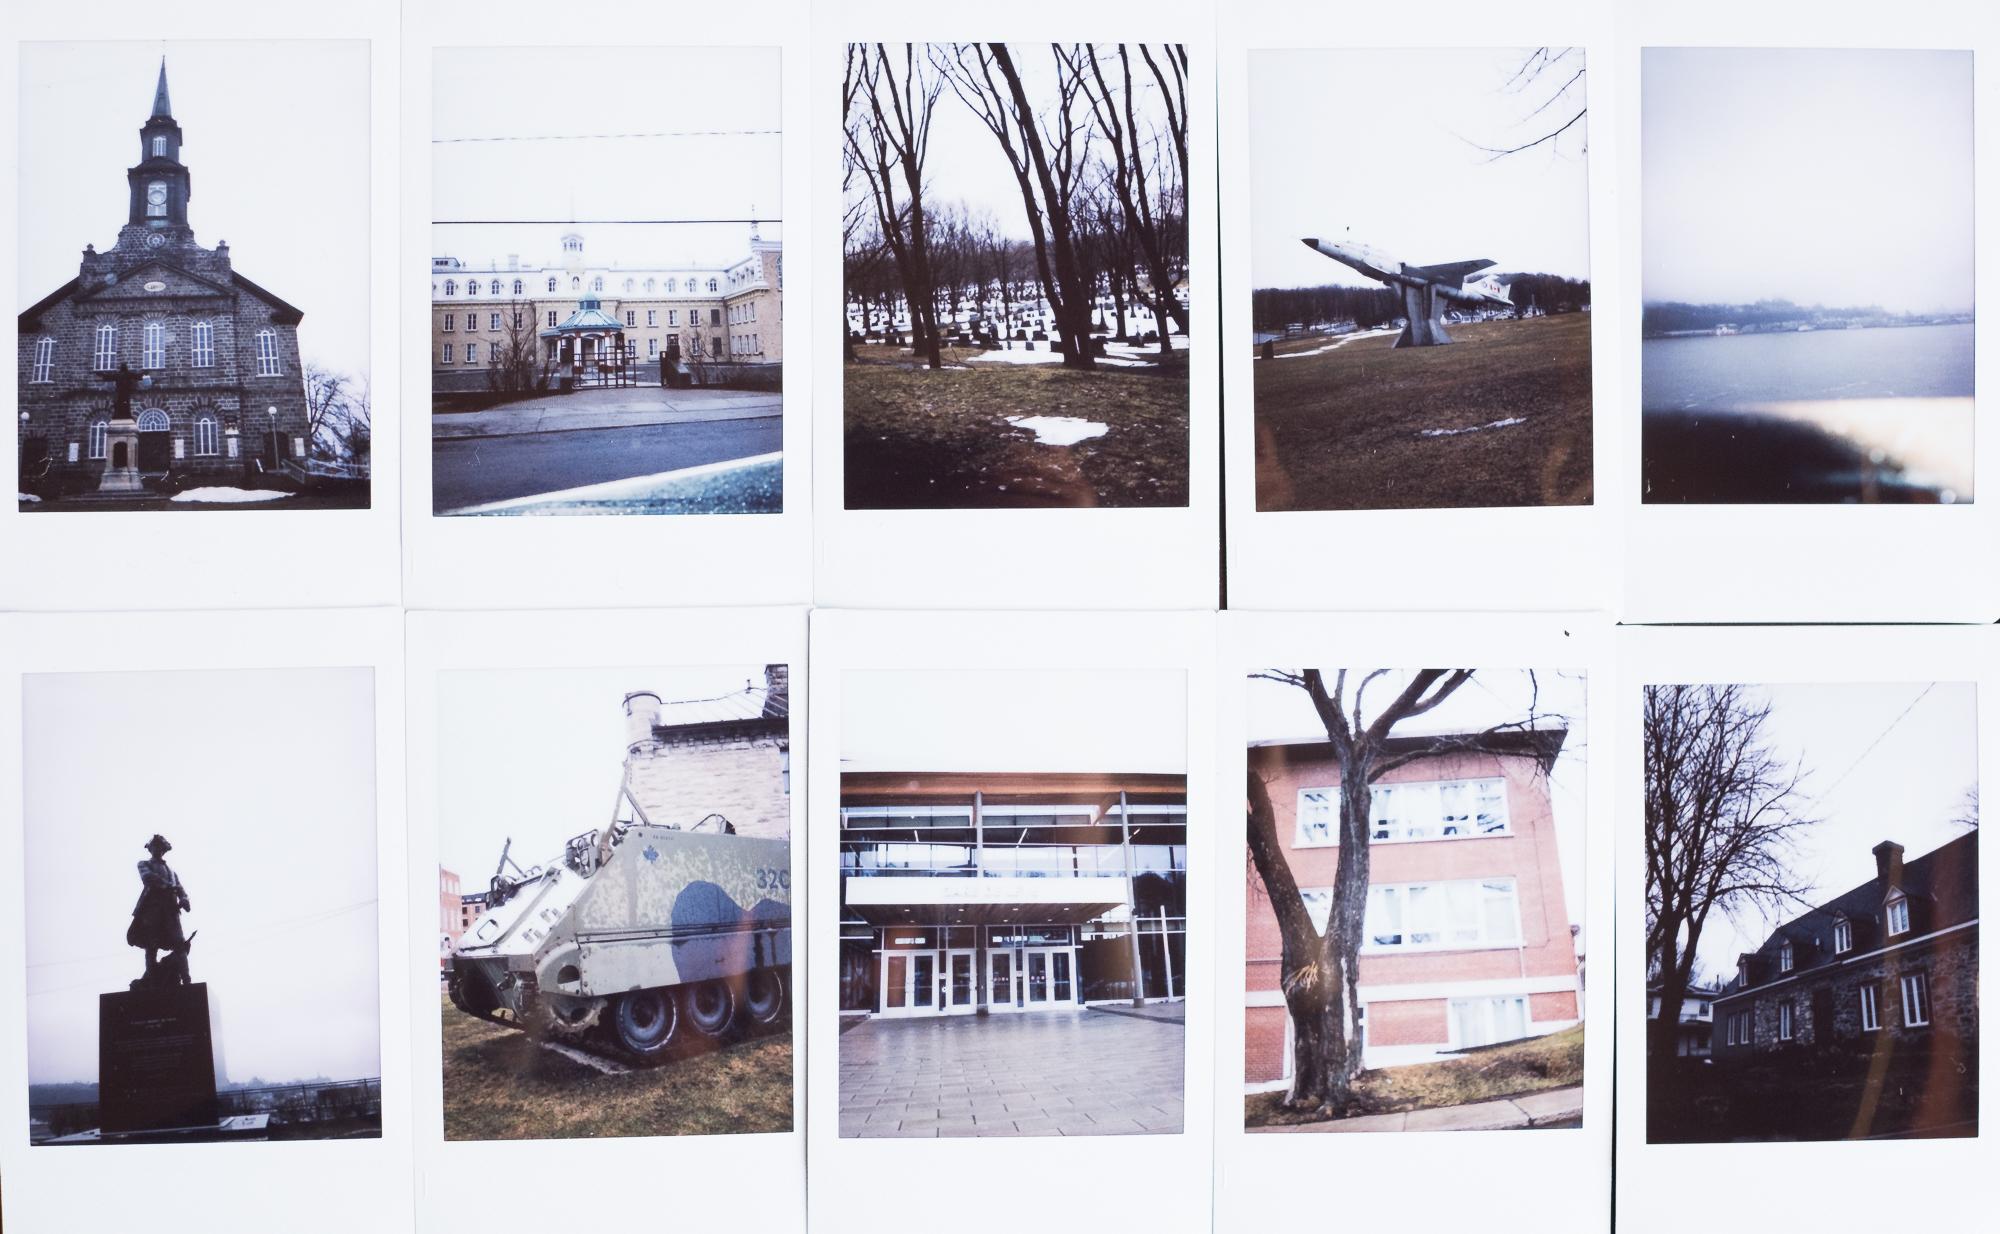 Oeuvre réalisée au polaroid en collaboration avec Paul Robitaille, 7 ans. La série traite de la perception d'un jeune garçon sur l'urbanité et la place qu'y occupe la nature.  Commande pour le projet Encann' 2017 du centre d'artiste Regart, à Lévis.   http://www.centreregart.org/encann-2017/